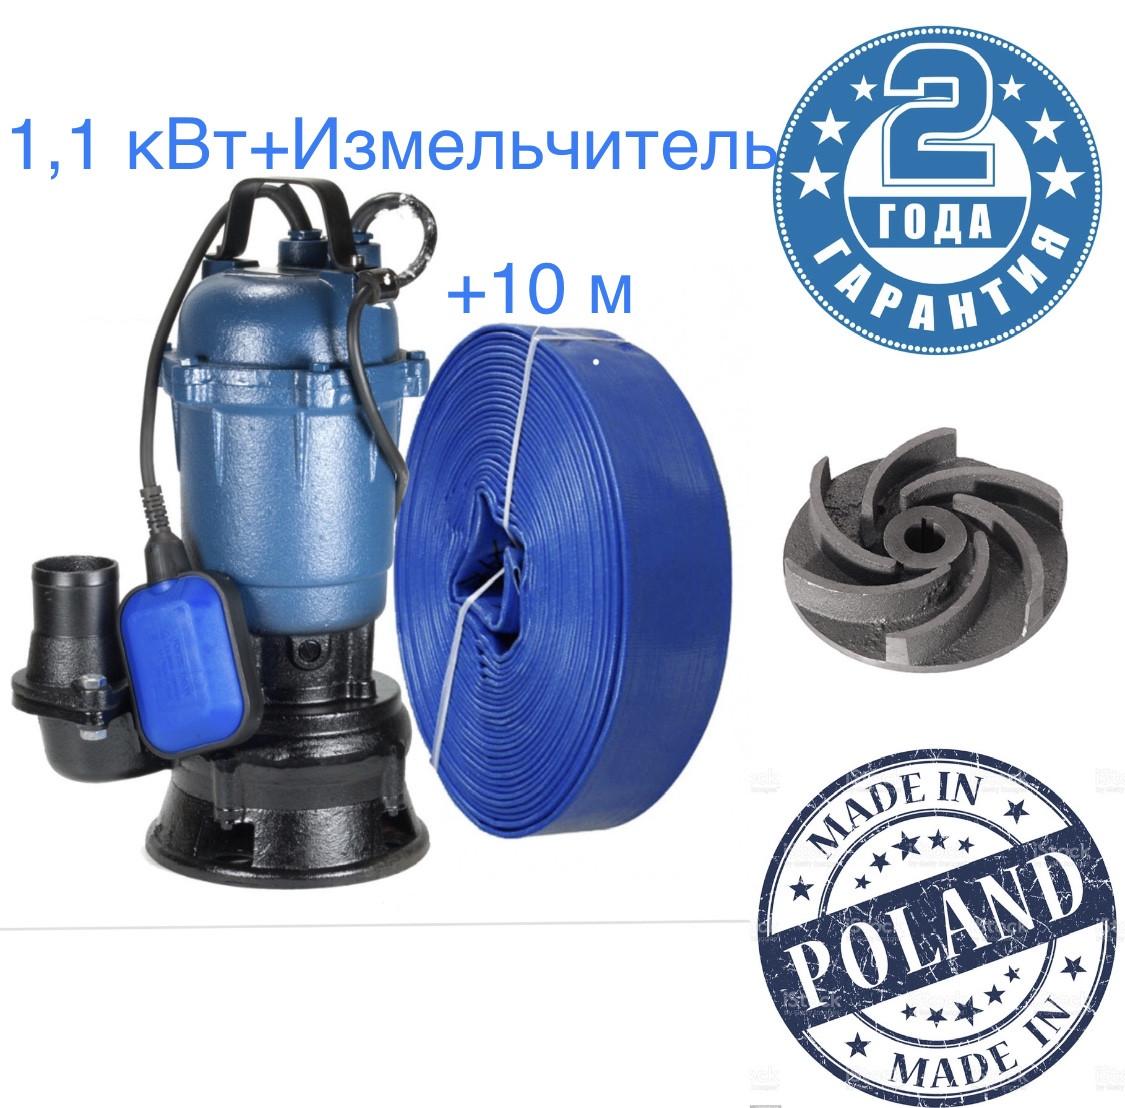 Фекальный насос с измельчителем  1,1 кВт Forwater GWR+10м Шланга Польша 2 ГОДА ГАРАНТИИ